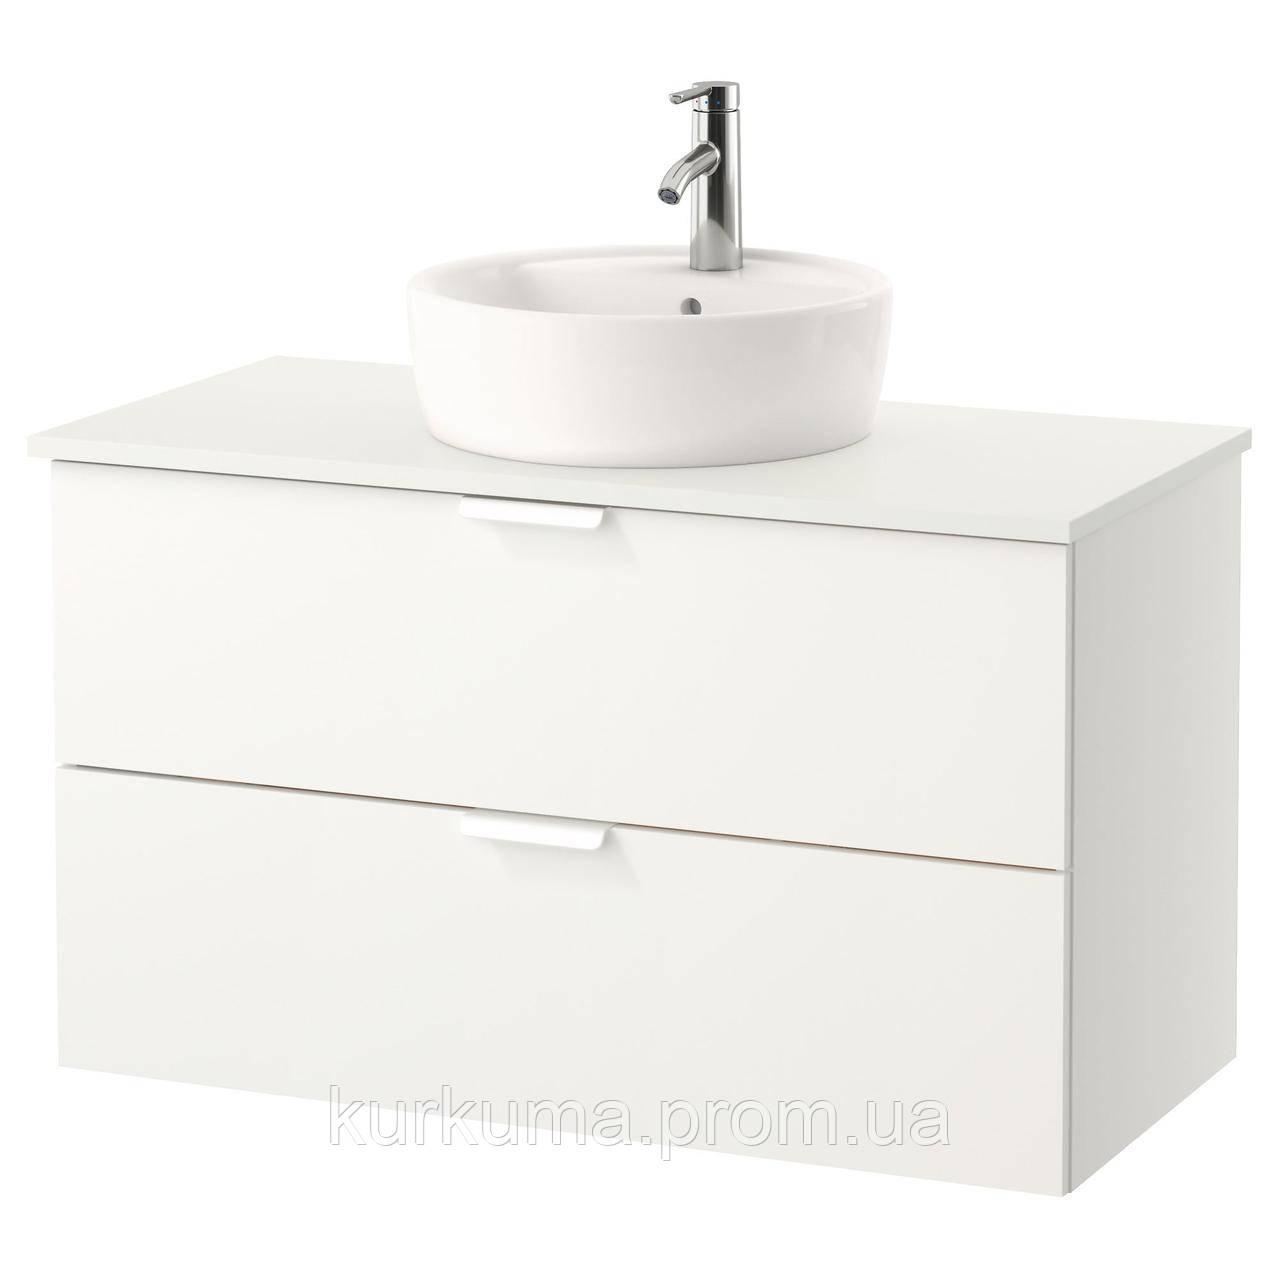 IKEA GODMORGON/TOLKEN/TORNVIKEN Шкаф под умывальник с раковиной, белый, белый  (691.849.16)